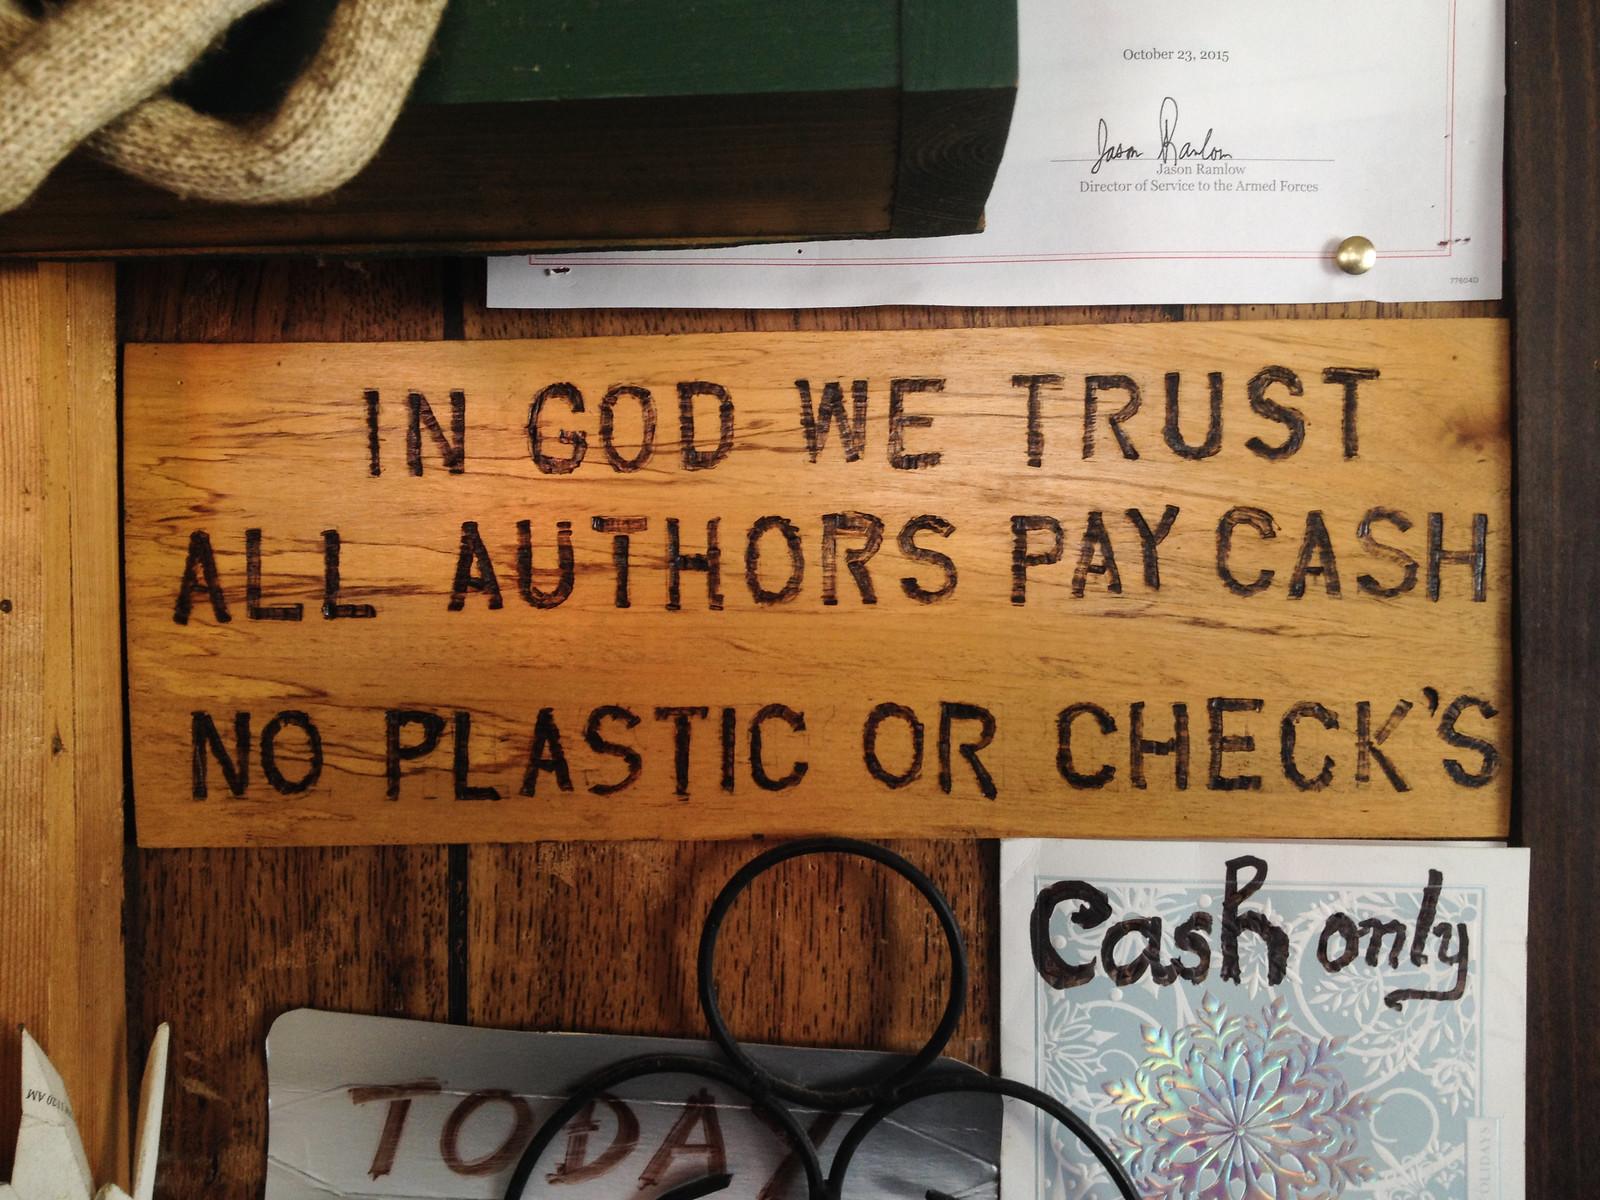 Authors Pay Cash